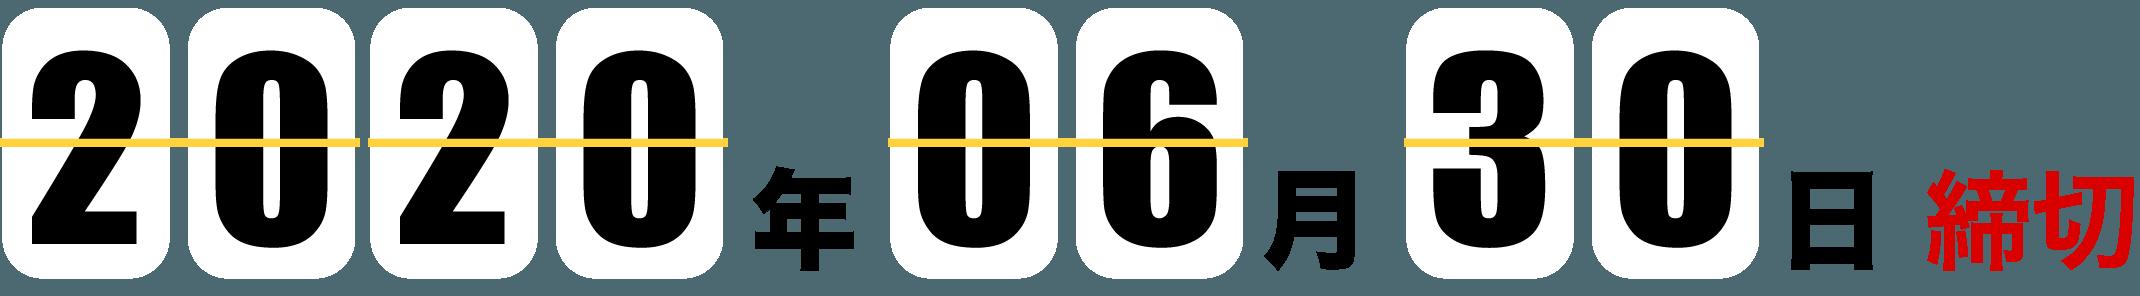 2020年6月30日締切(消印有効)